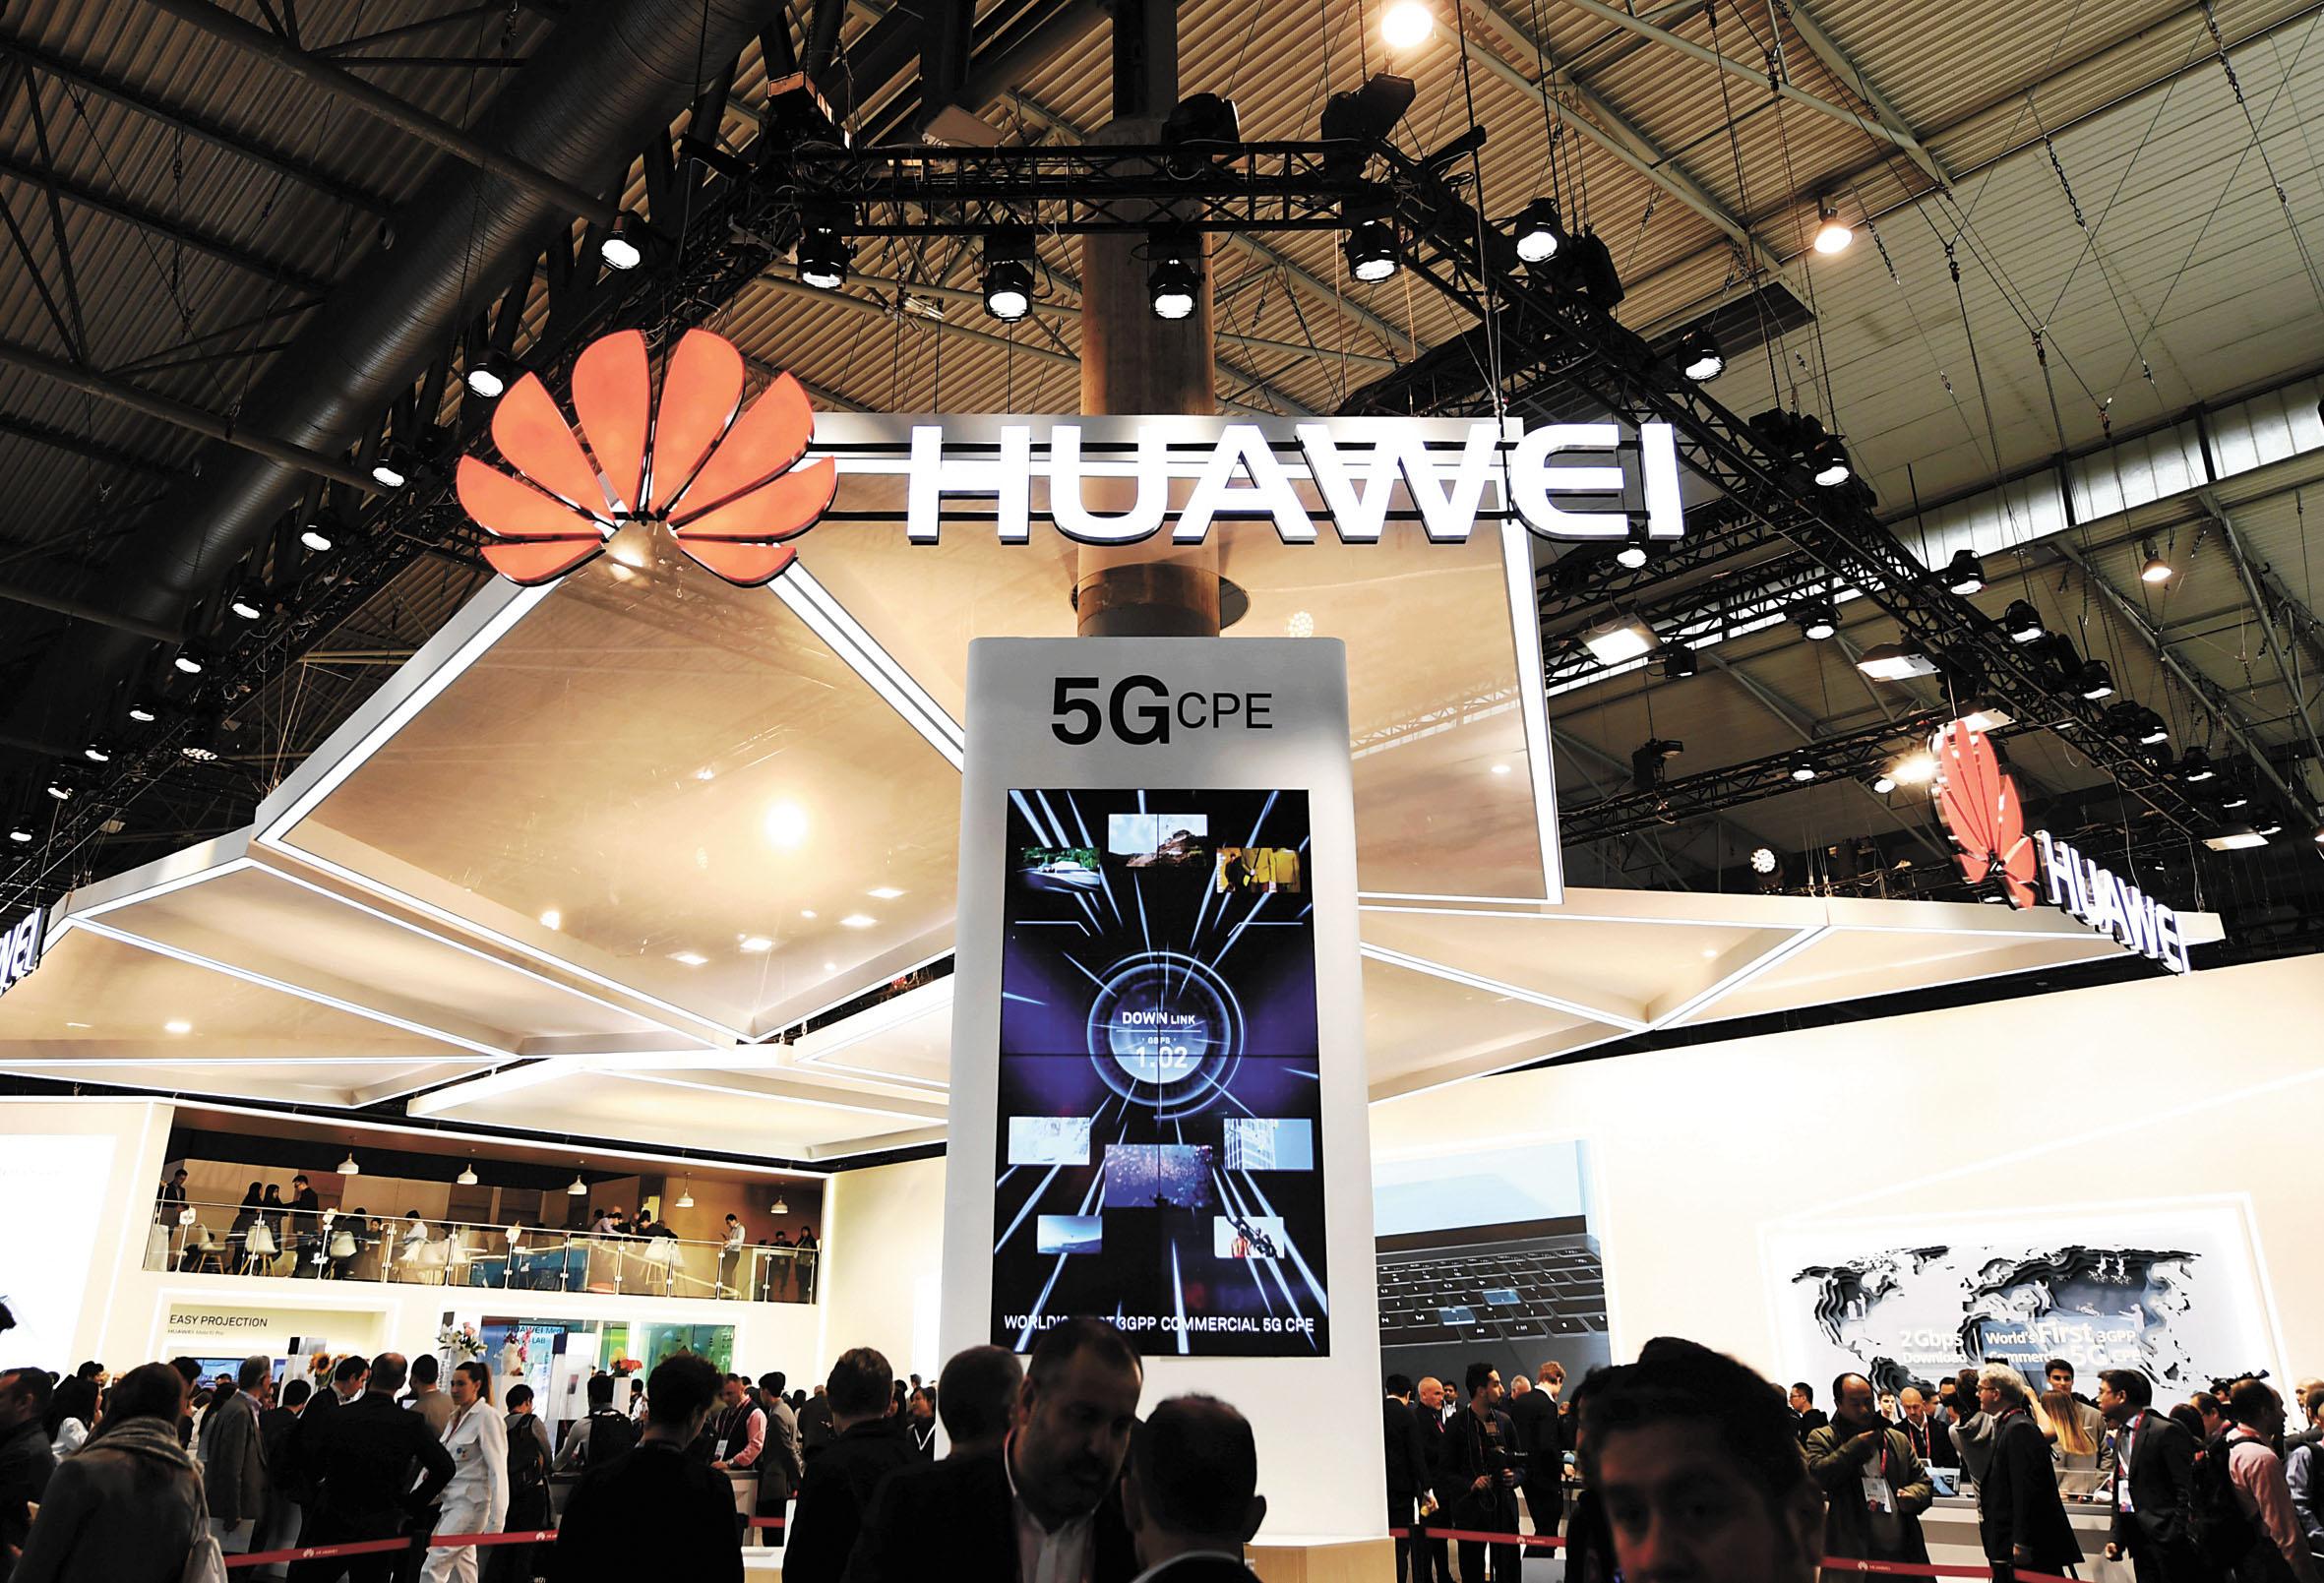 在西班牙巴塞羅那移動通信大會上,華為展台用電子屏展示5G技術。資料圖片